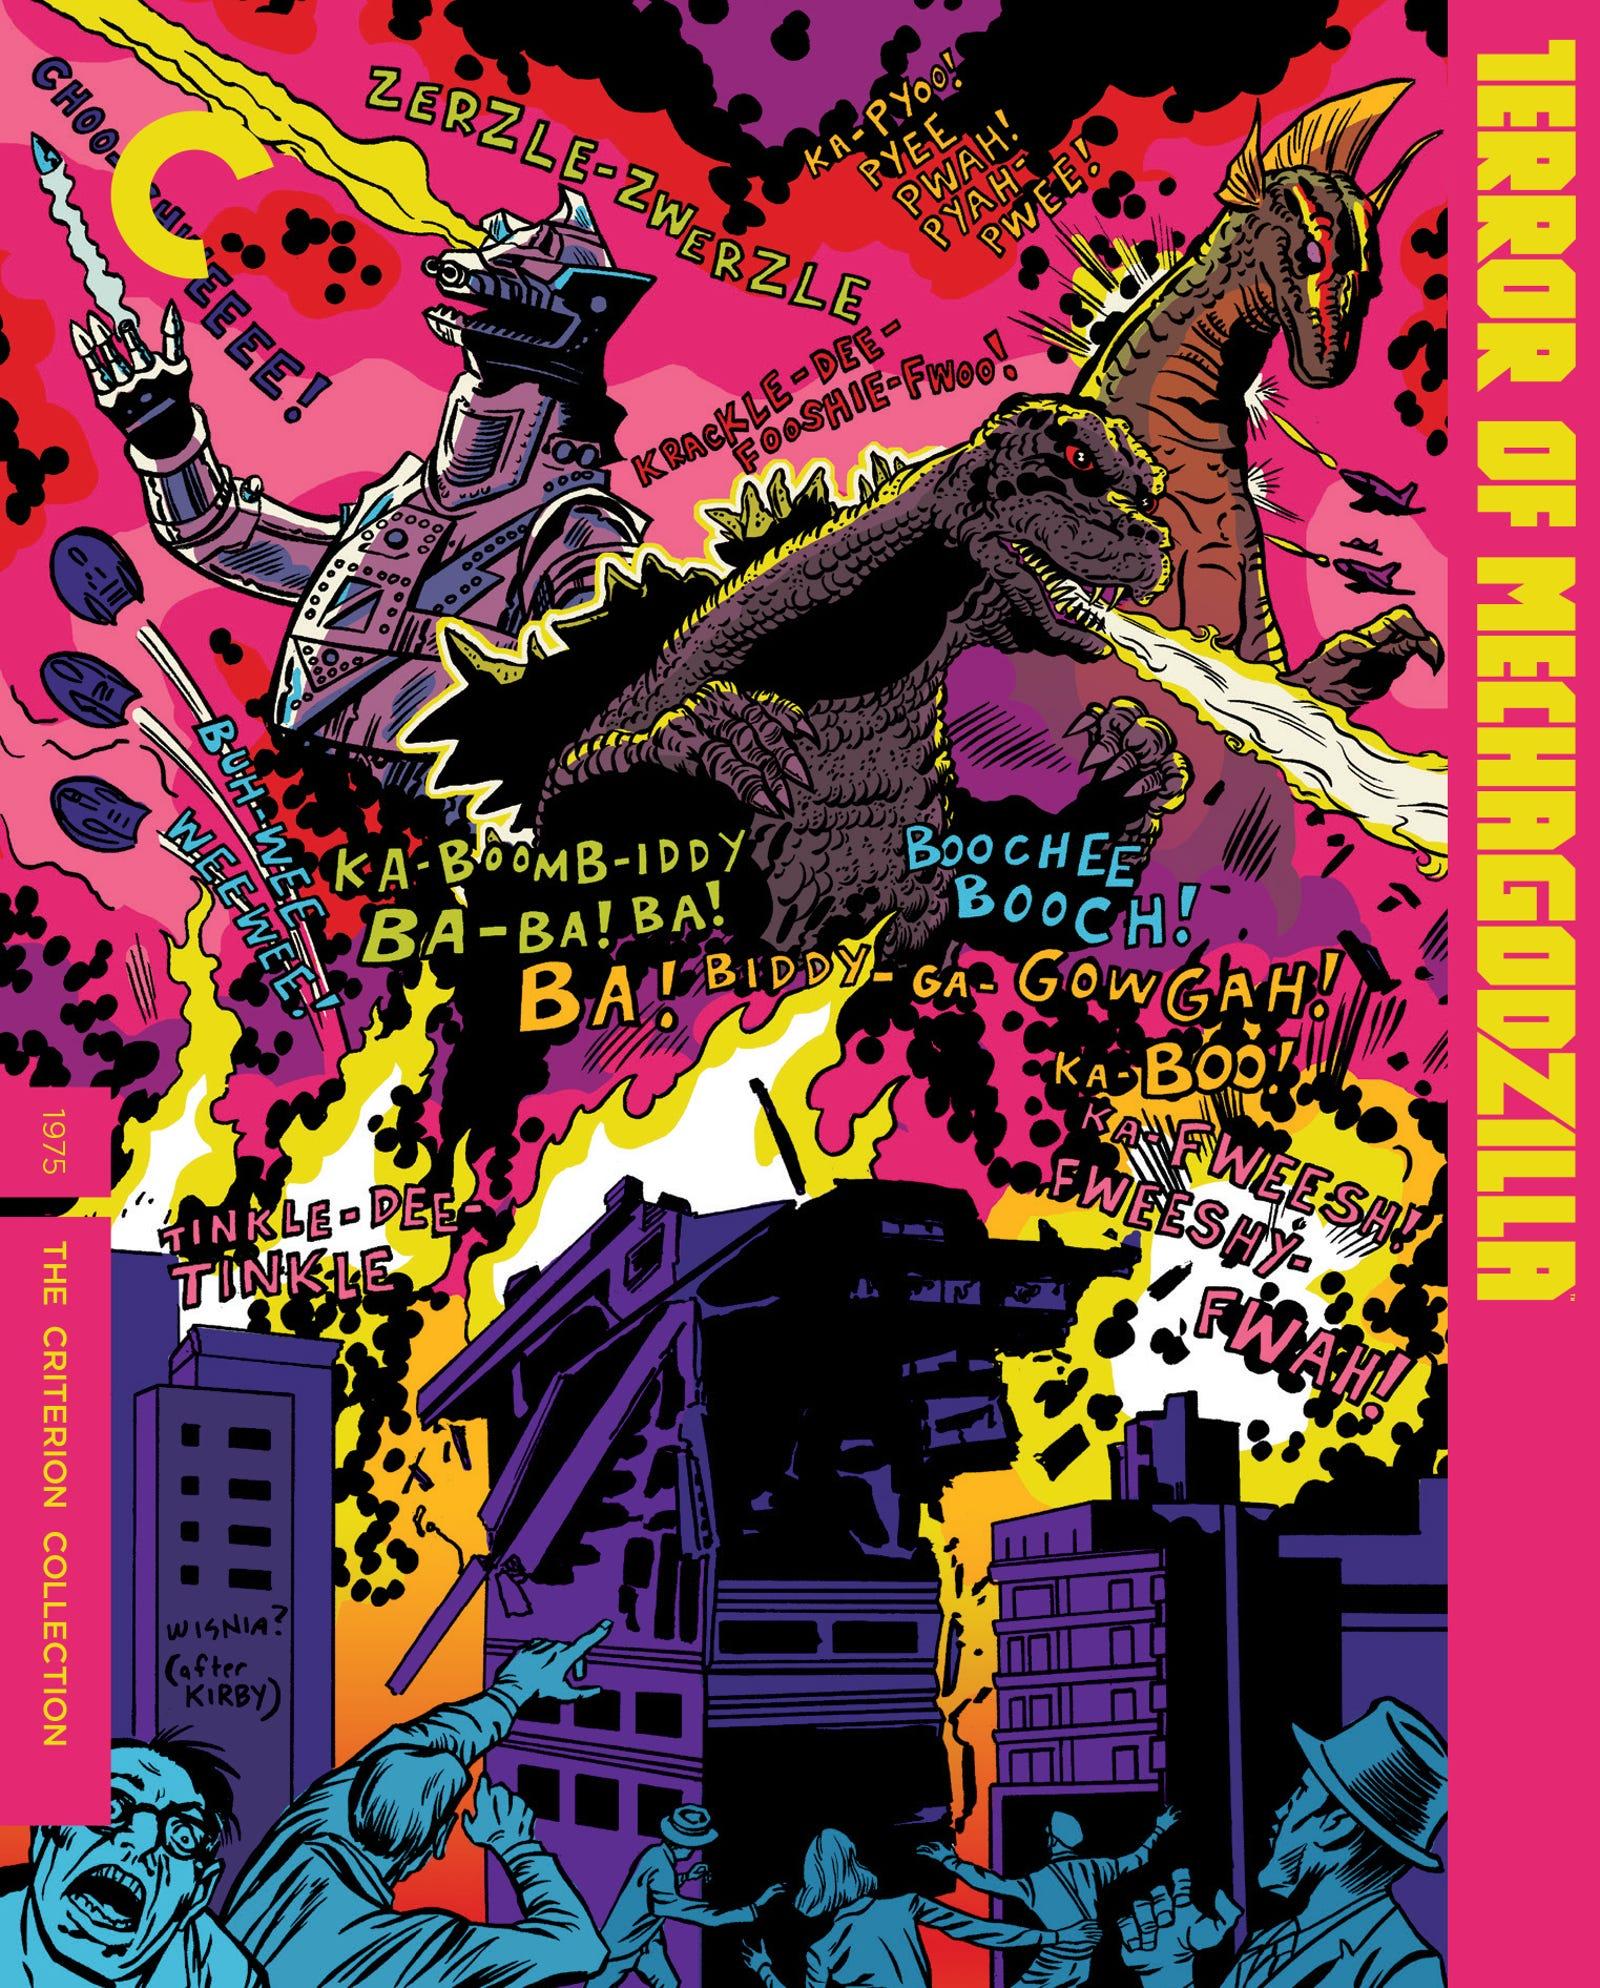 Terror of Mechagodzilla Criterion cover